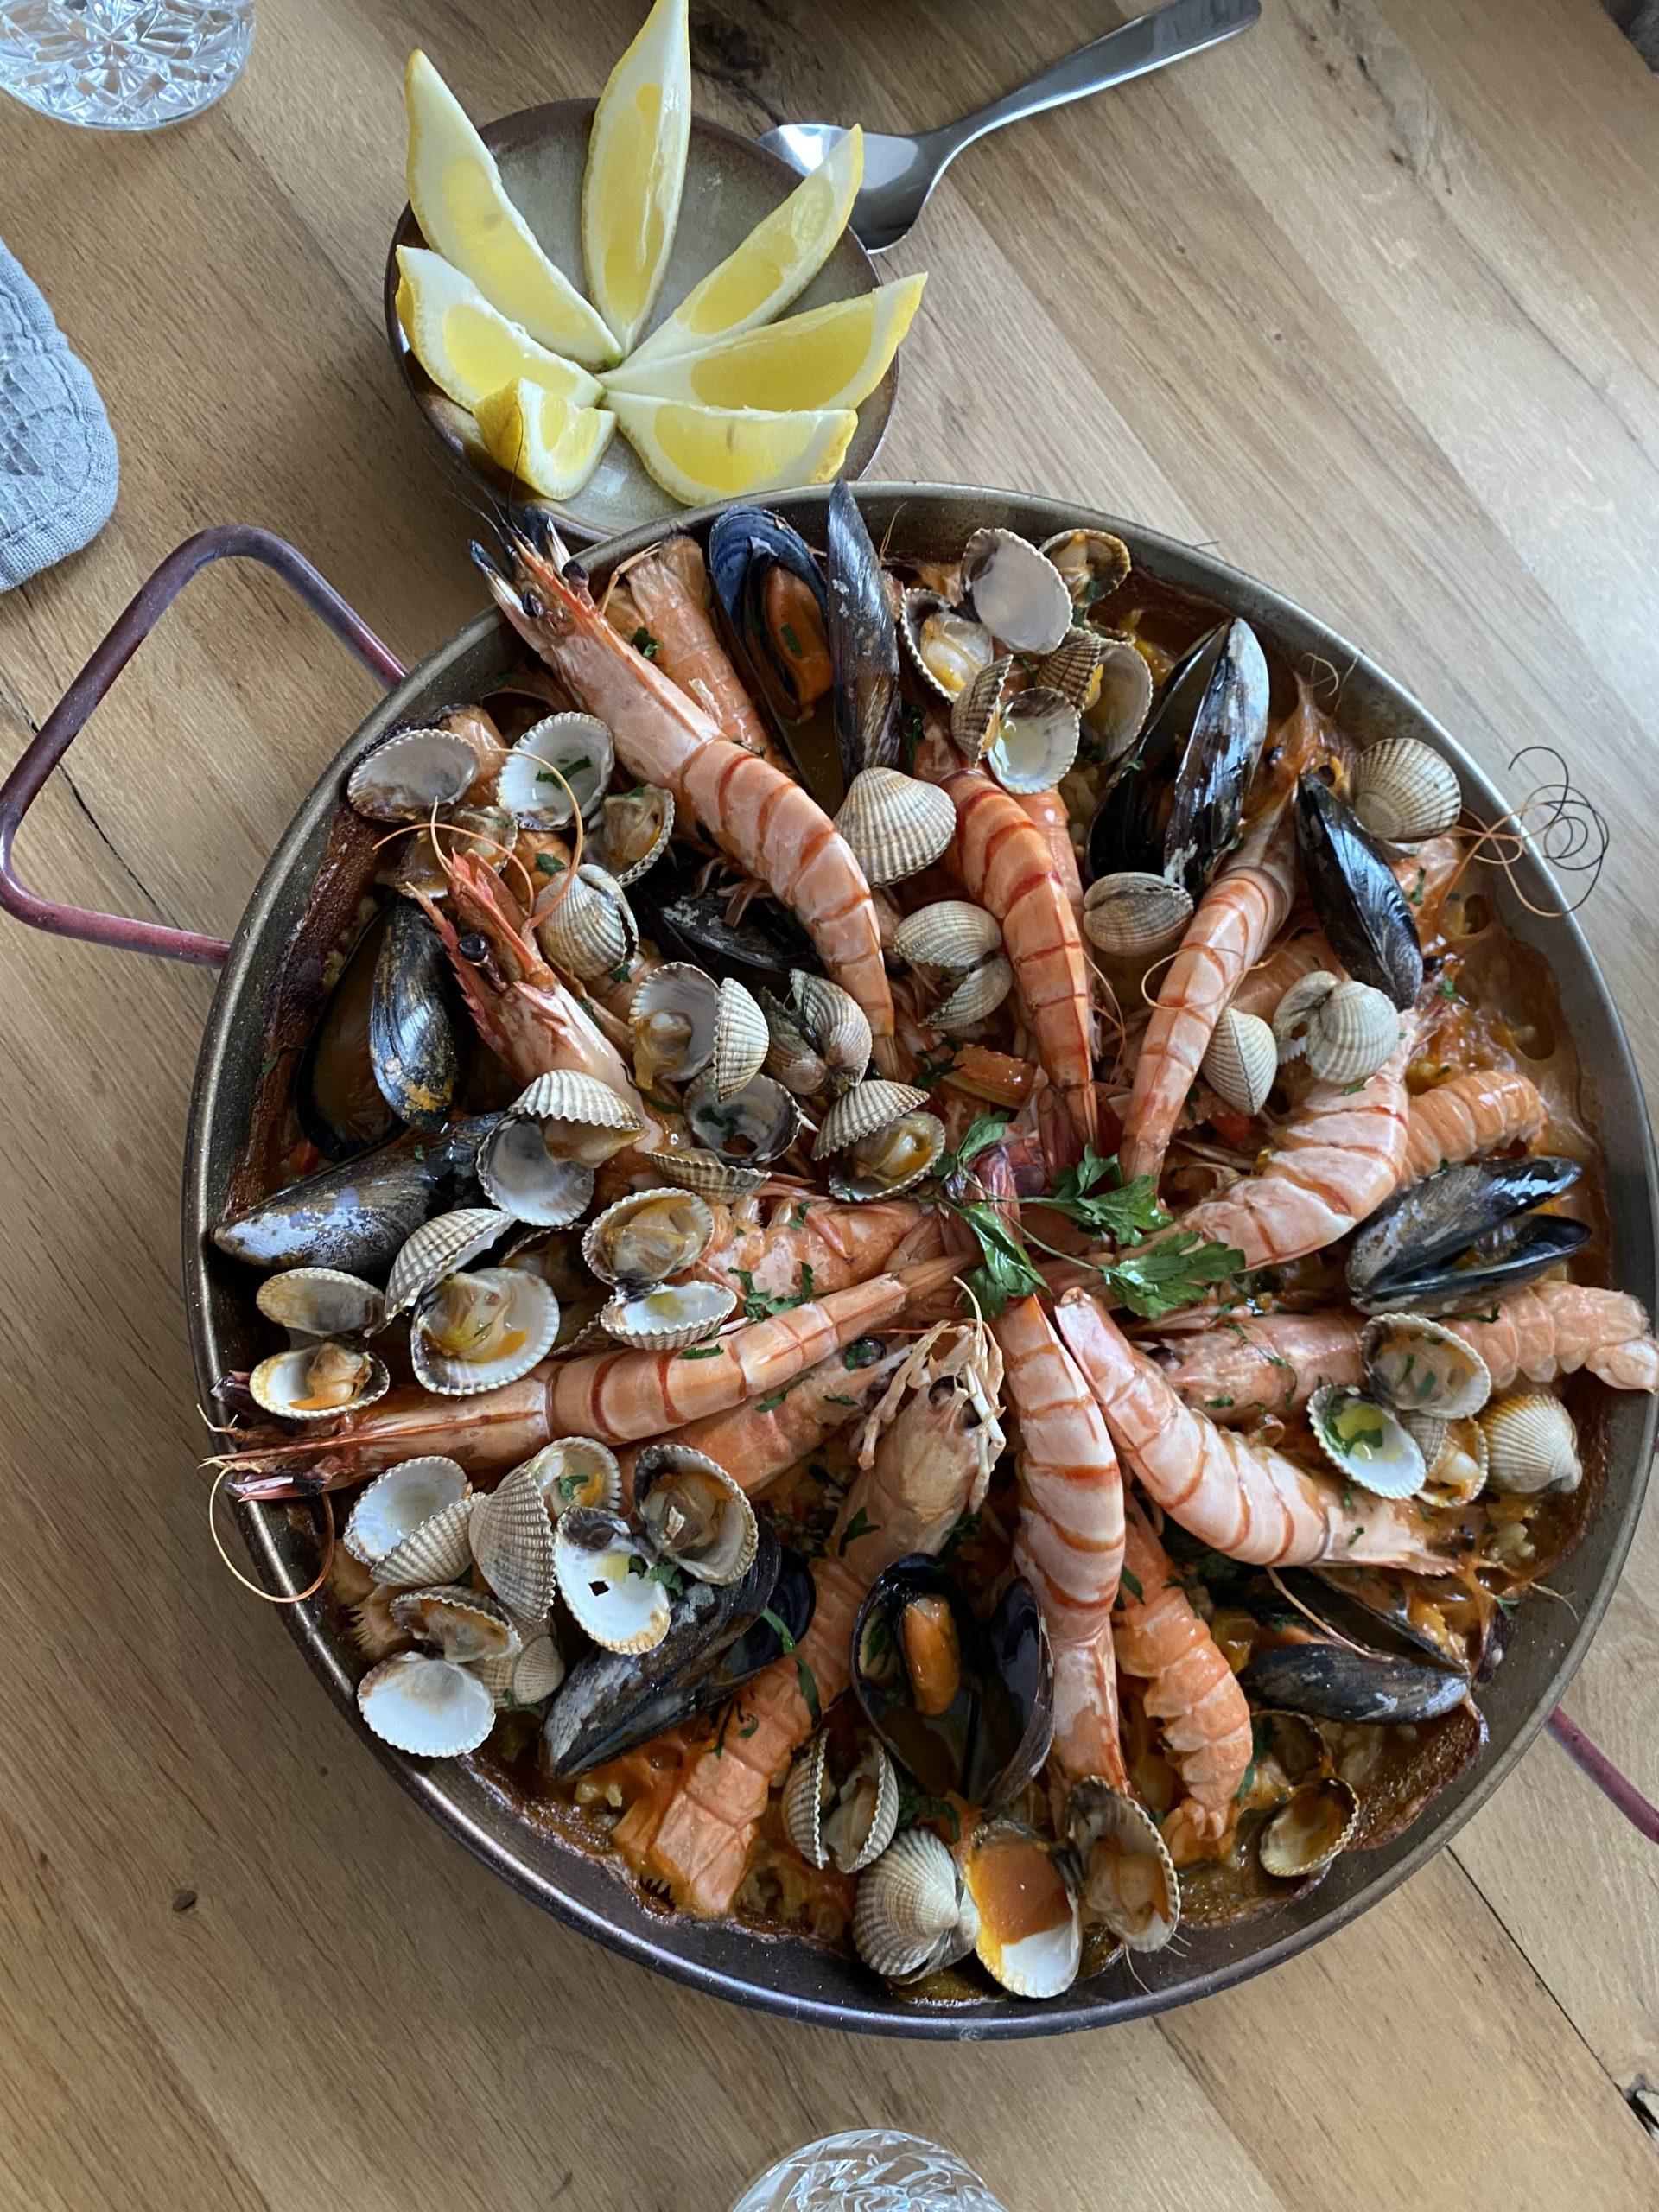 Spaanse seafood Paella recept met garnalen, mosselen, venusschelpen en langoustines. Paella maken op de Big green Egg